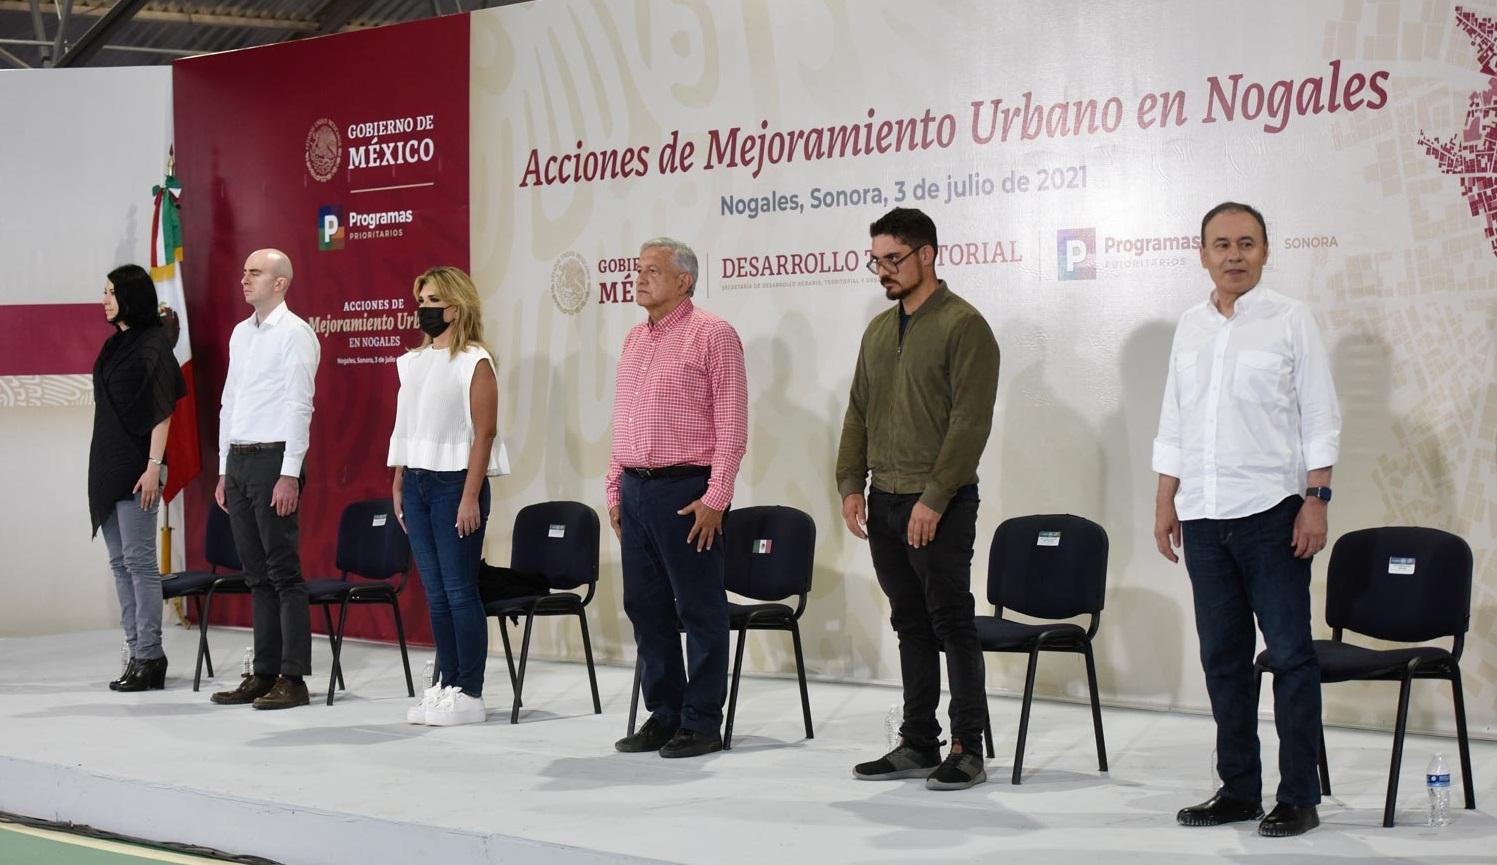 Lopez Obrador garantiza presupuesto para programas sociales entrega obras de mejoramiento urbano en Nogales